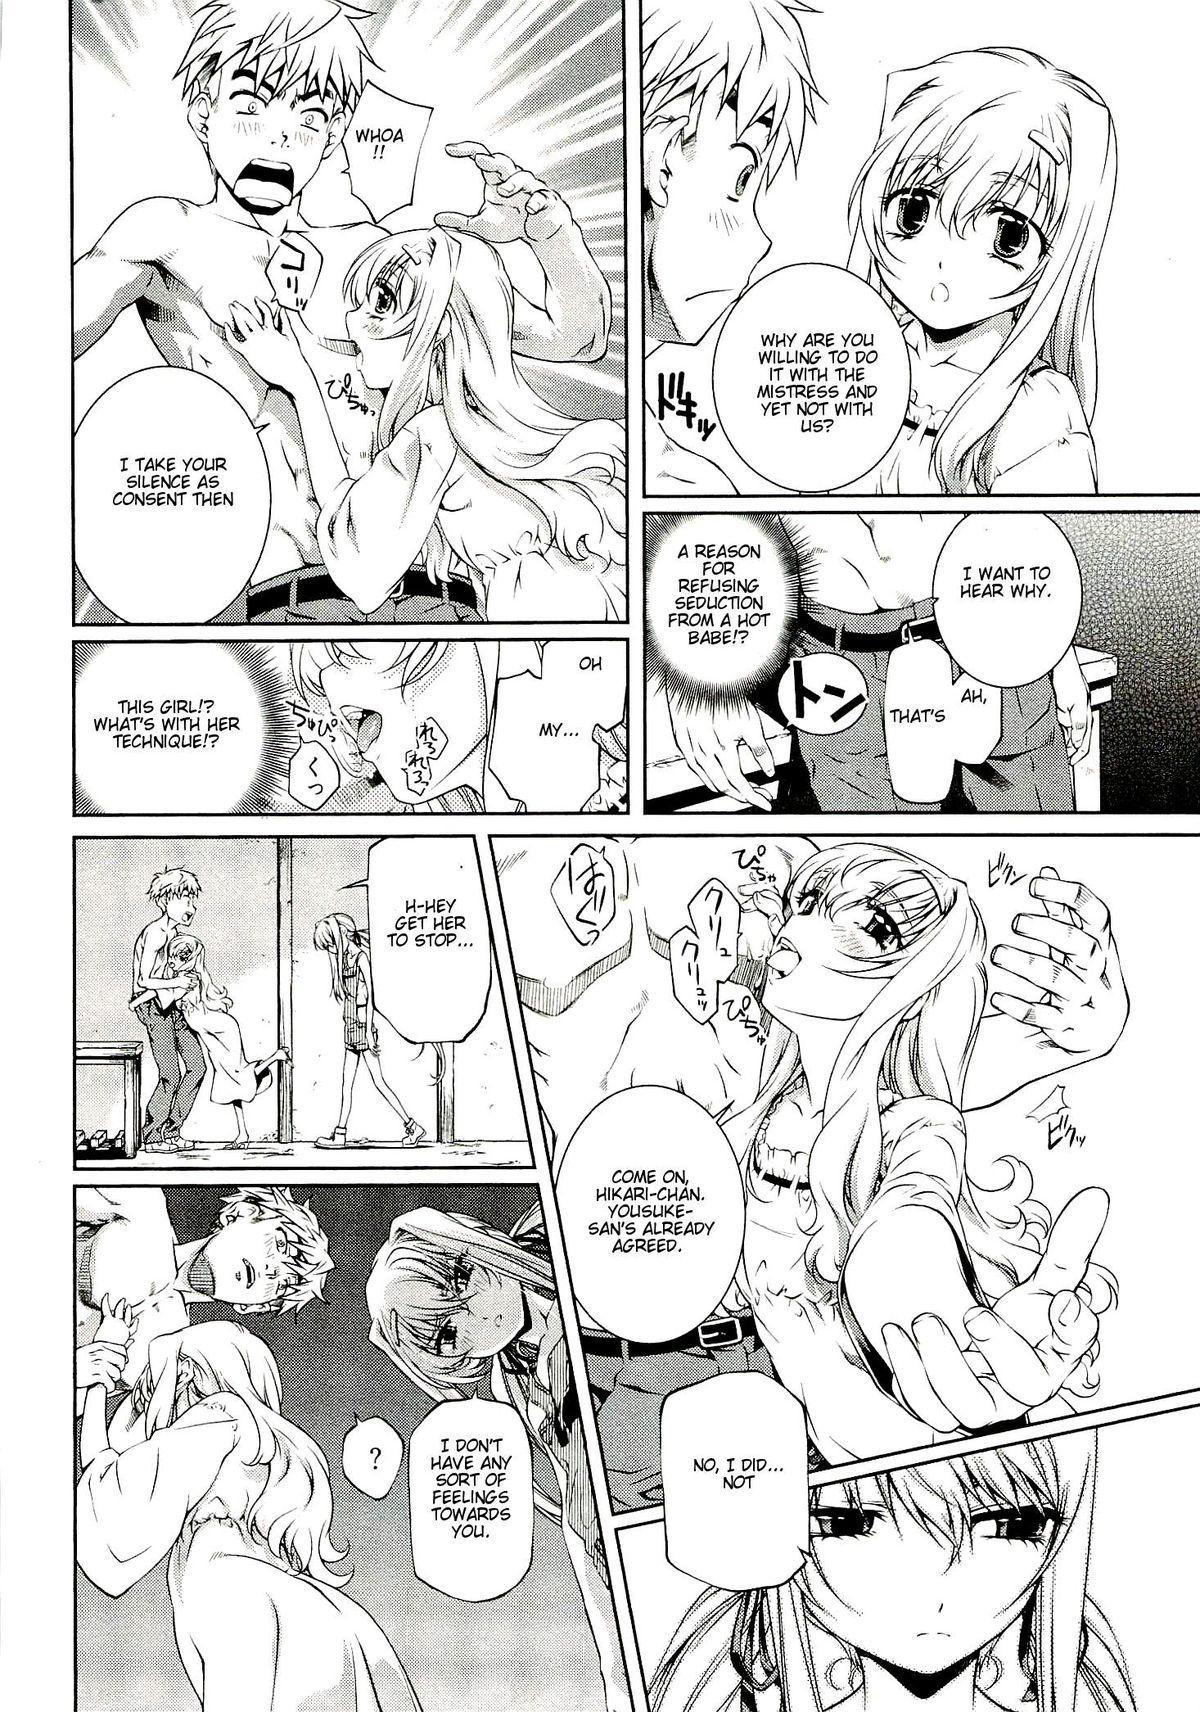 Bara Seiyoukan v.01 ch06 - 08 23